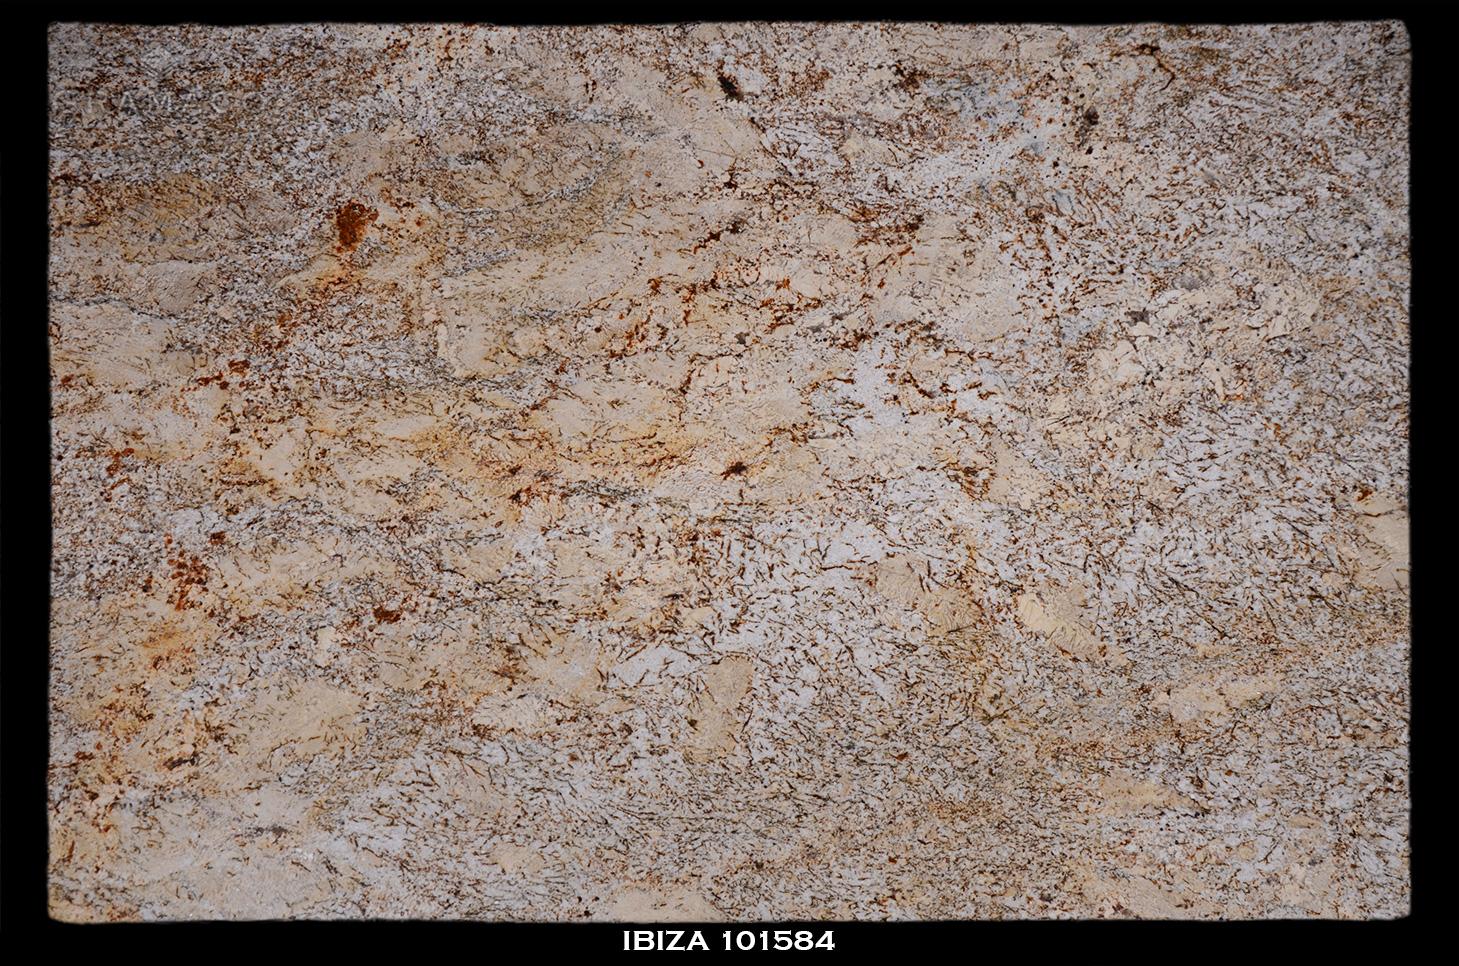 IBIZA-101584